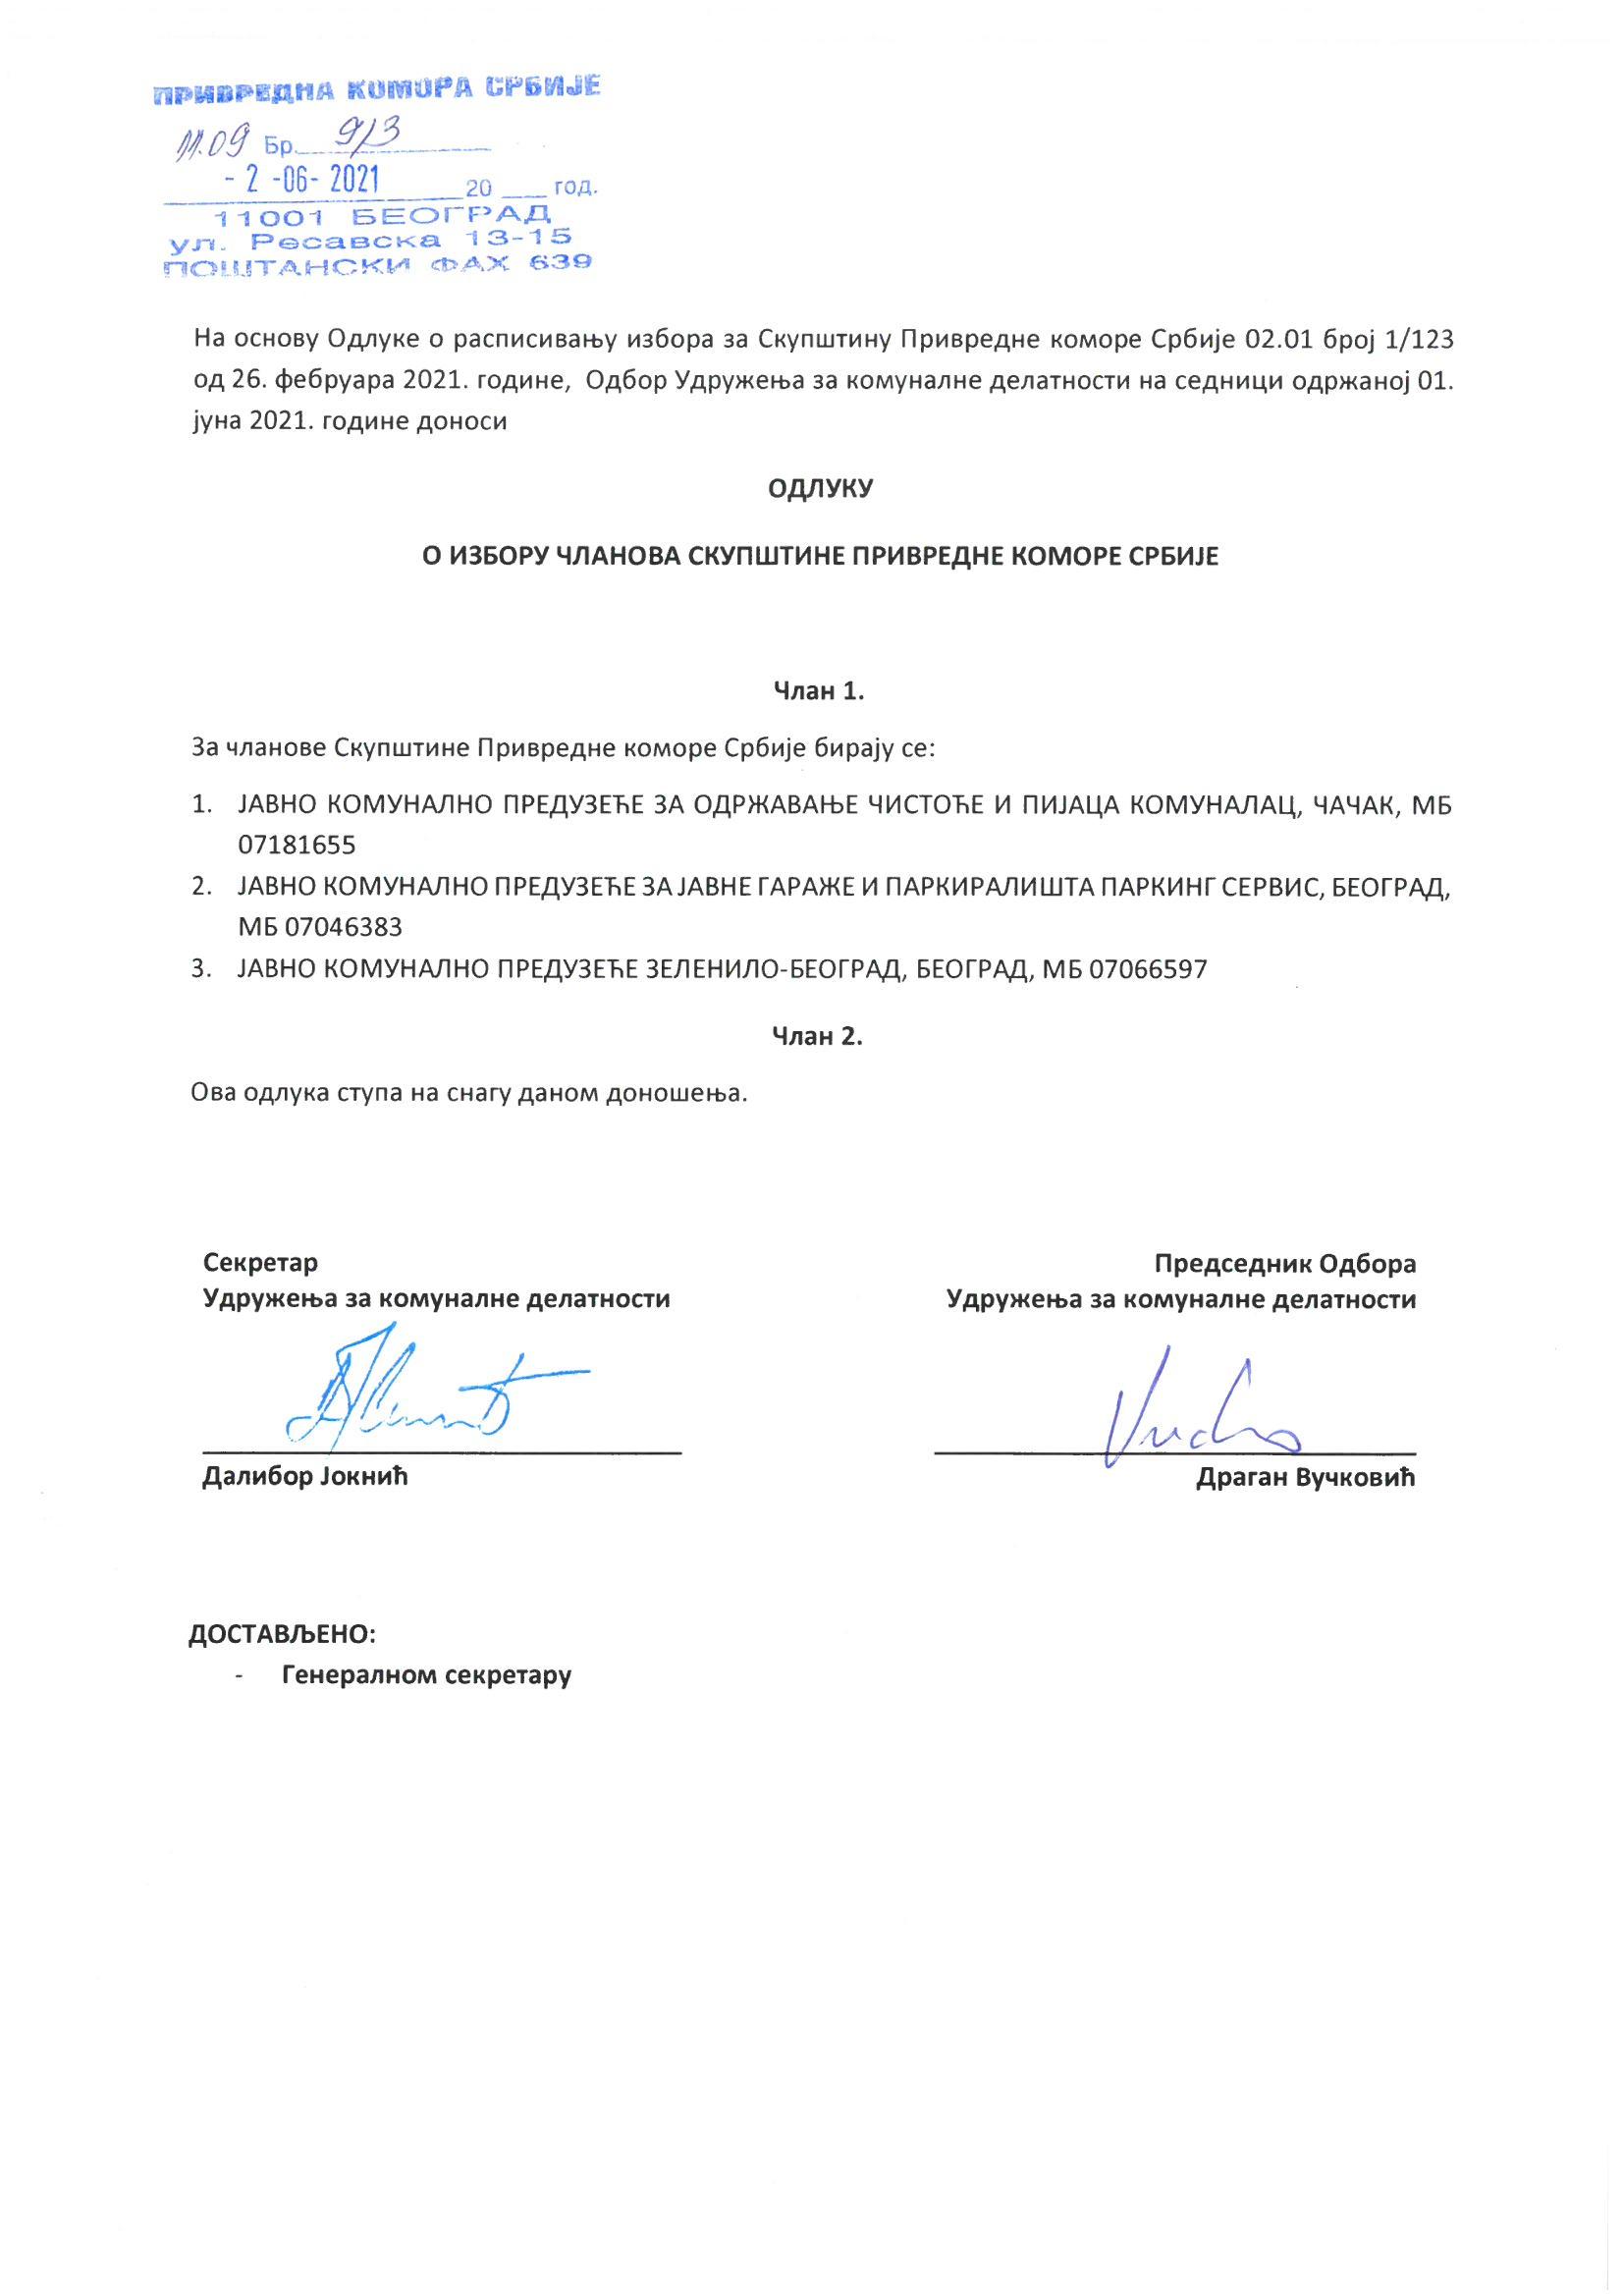 Odluka odbora udruzenja o izboru clanova Skupstine PKS - Udruzenje za komunalne delatnosti